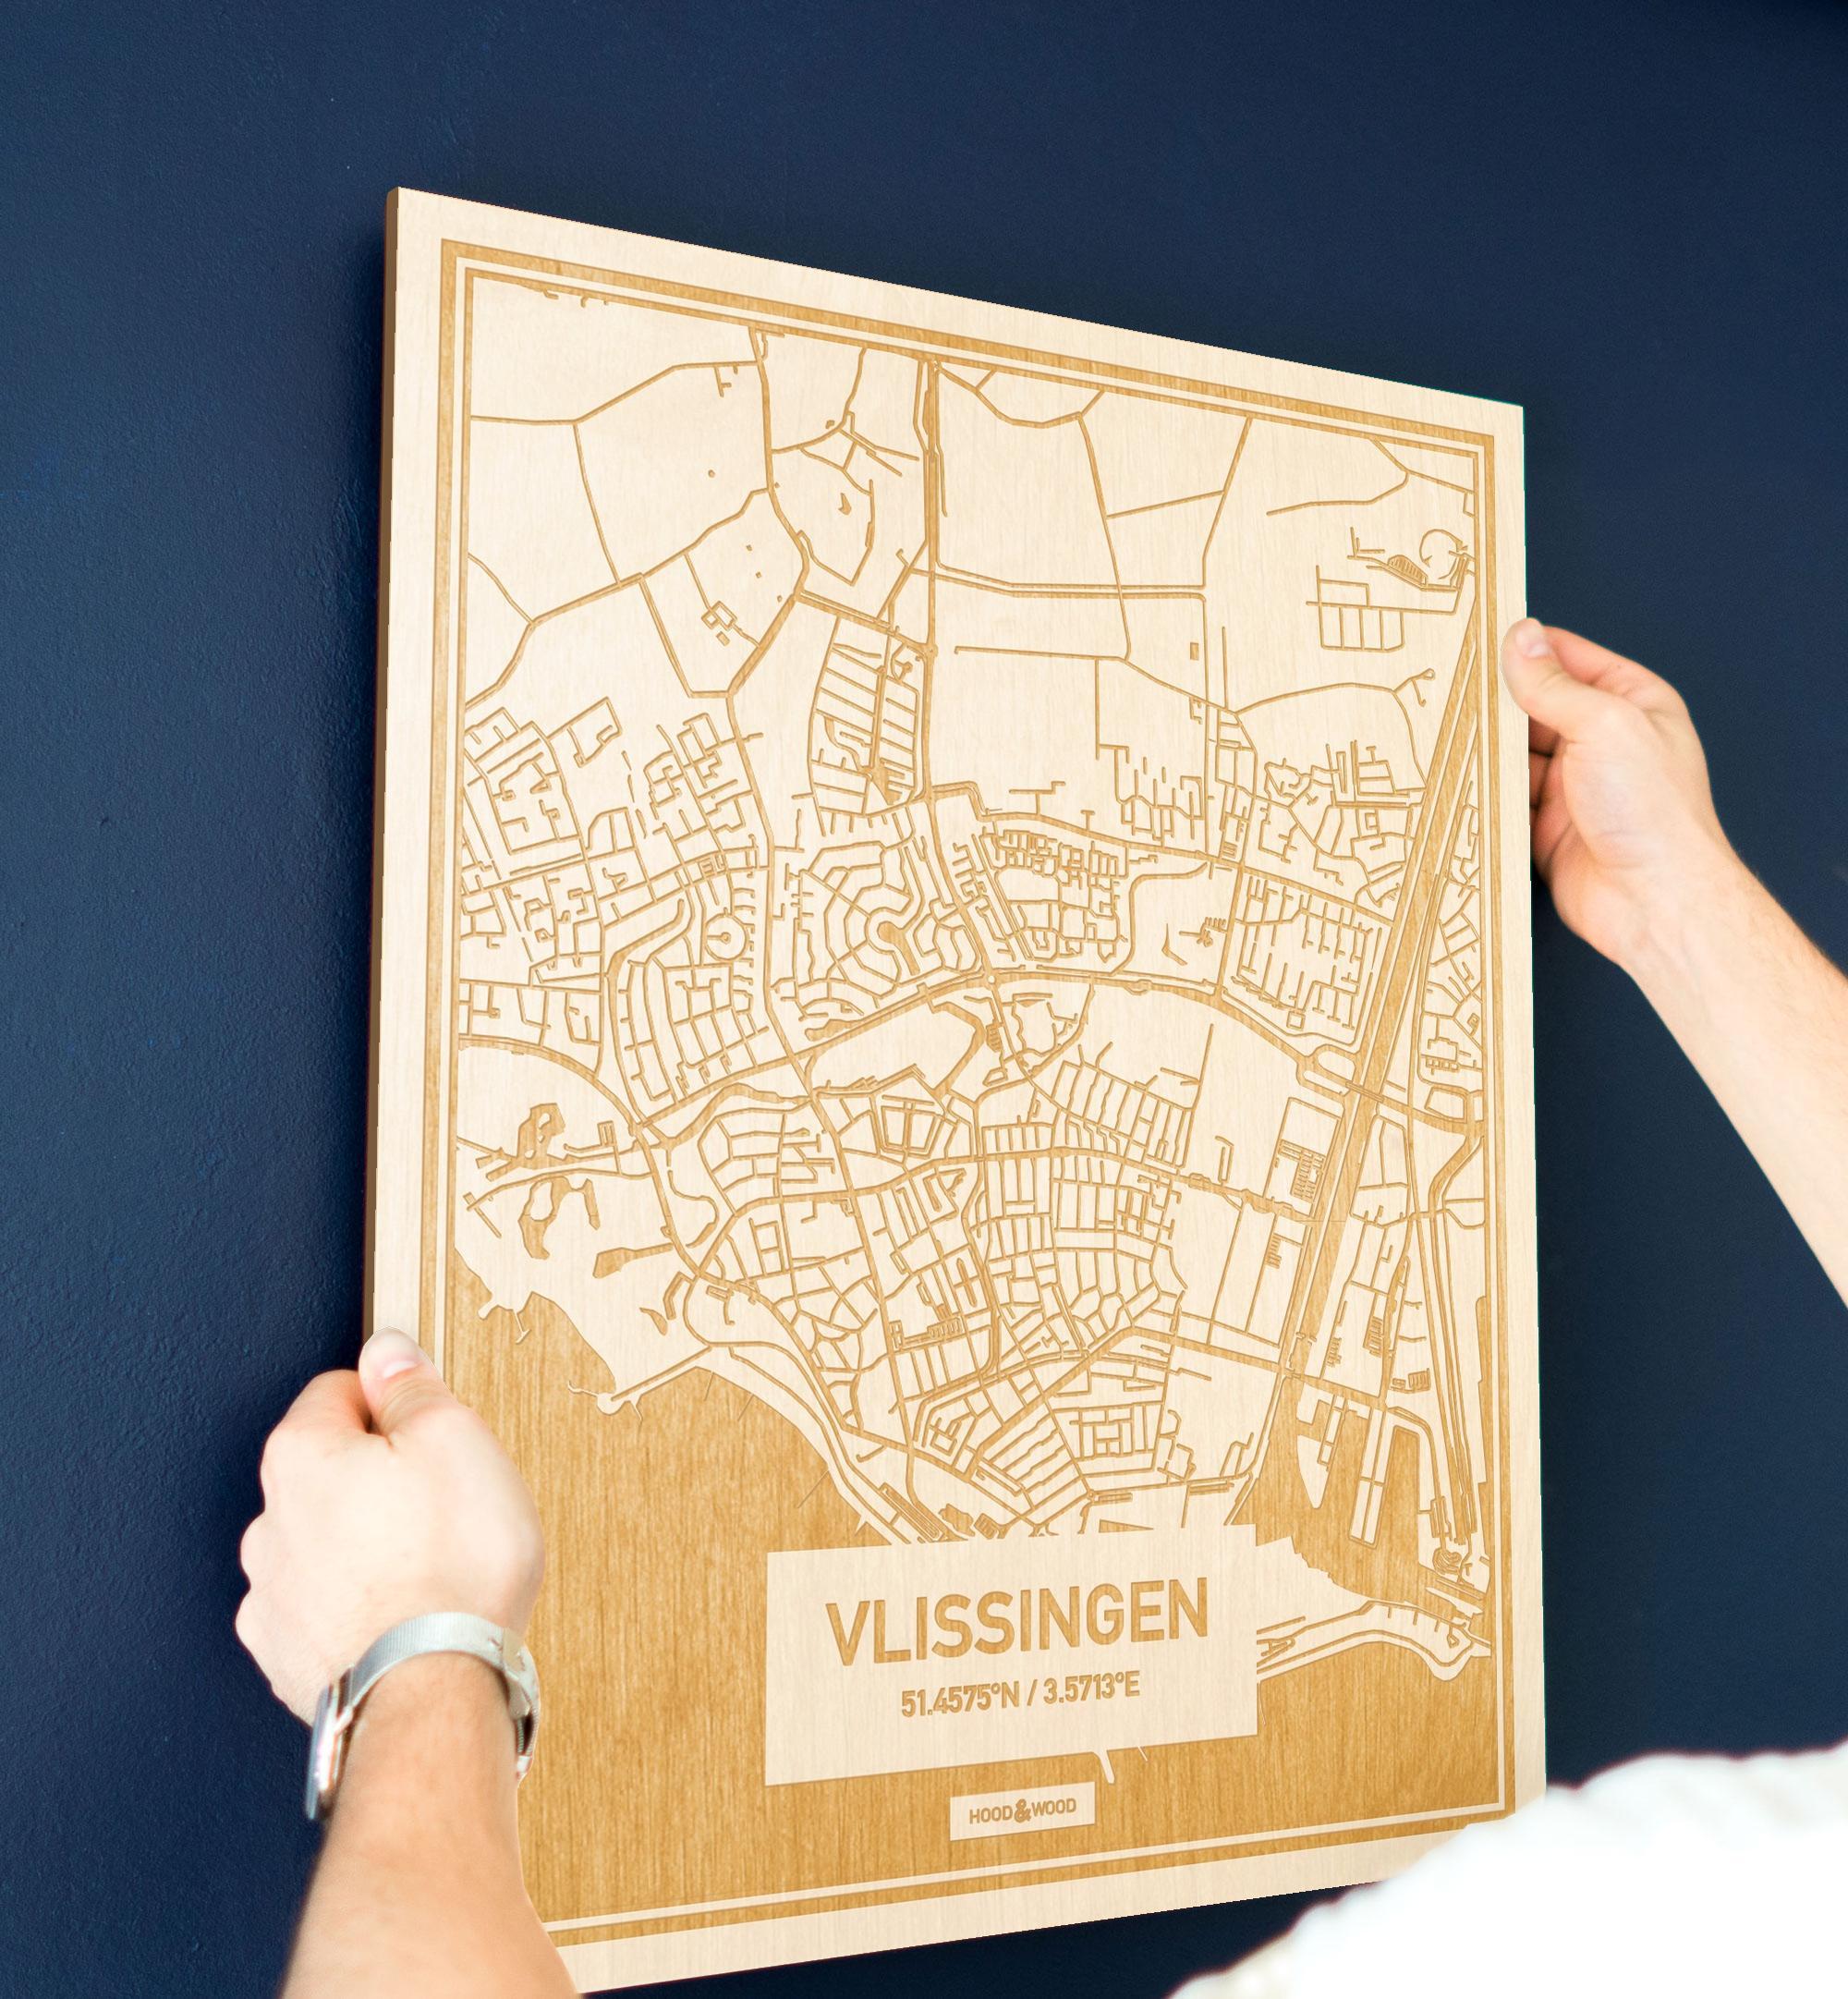 Een man hangt de houten plattegrond Vlissingen aan zijn blauwe muur ter decoratie. Je ziet alleen zijn handen de kaart van deze speciale in Zeeland vasthouden.